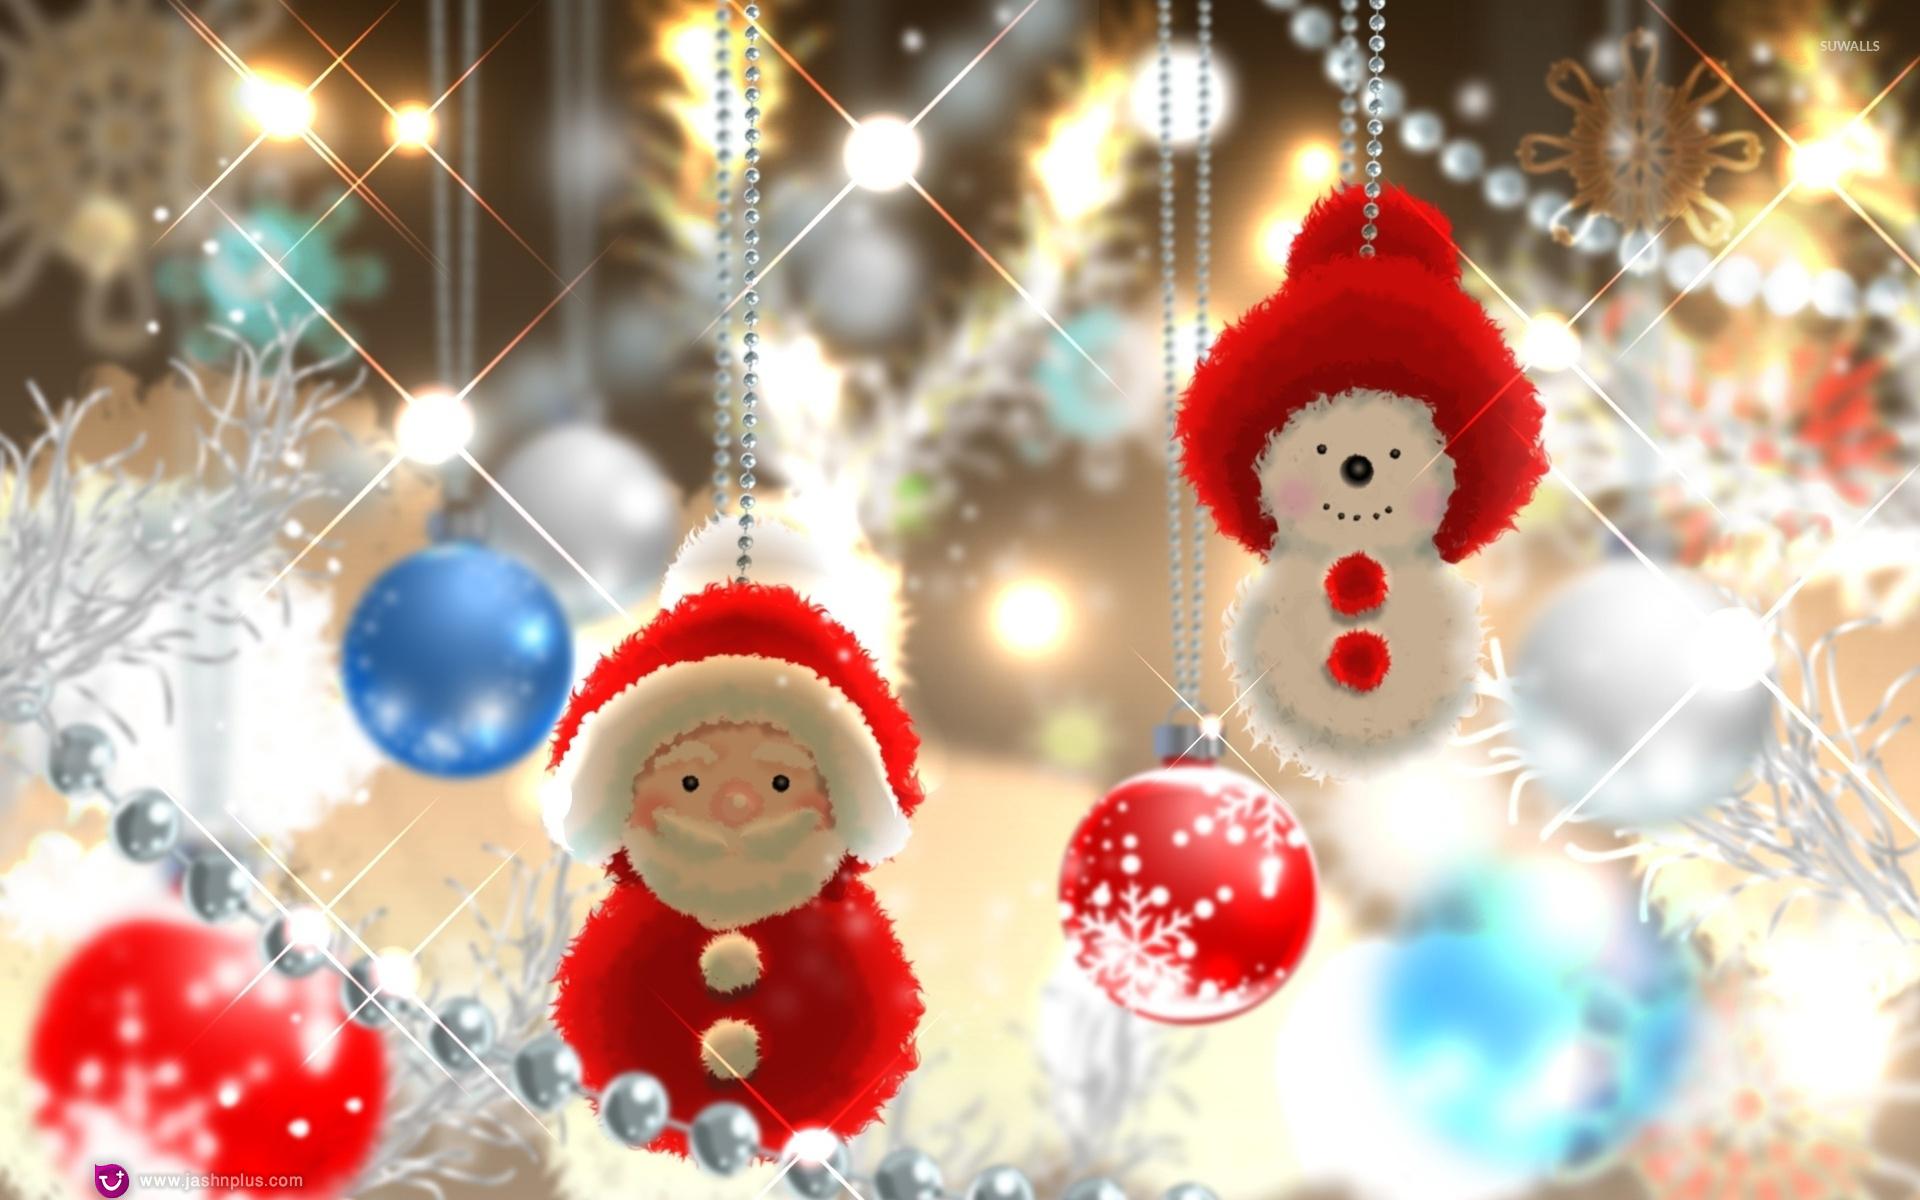 7 2 - کریسمس و یک میهمانی دور همی در روزهای سرد سال